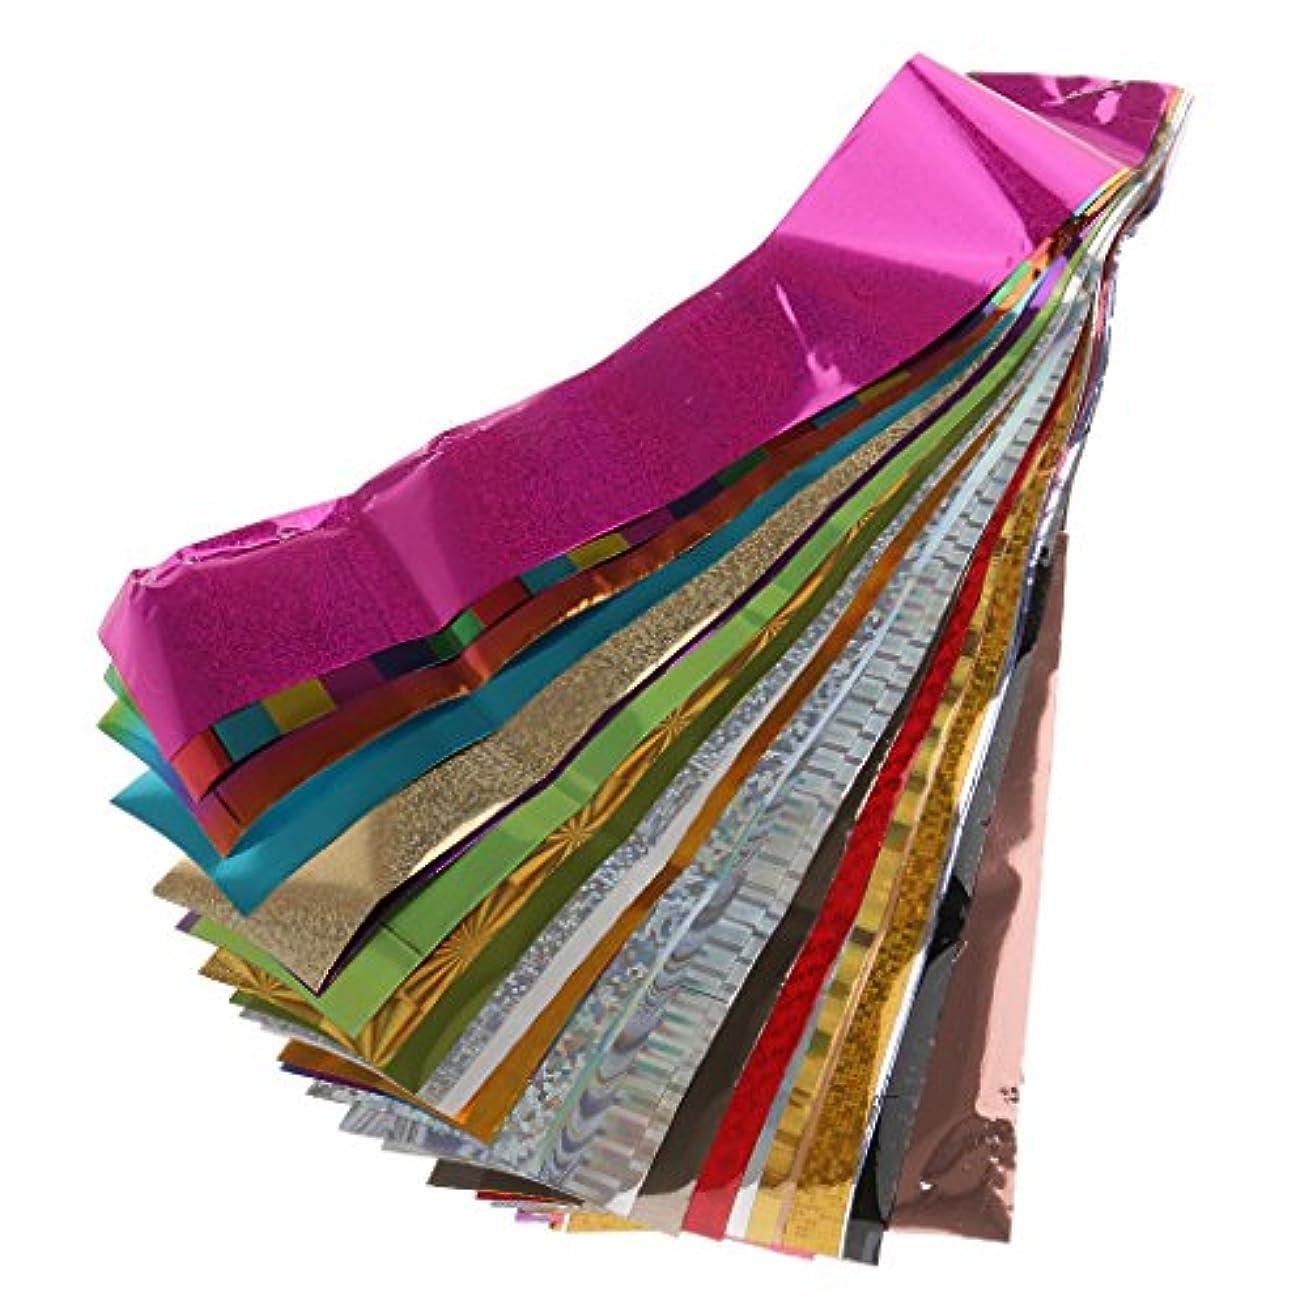 リップインシデント快い50個/セット 爪 転送箔 キラキラ ネイルアート ステッカー デカール DIY 装飾 魅力的 人気